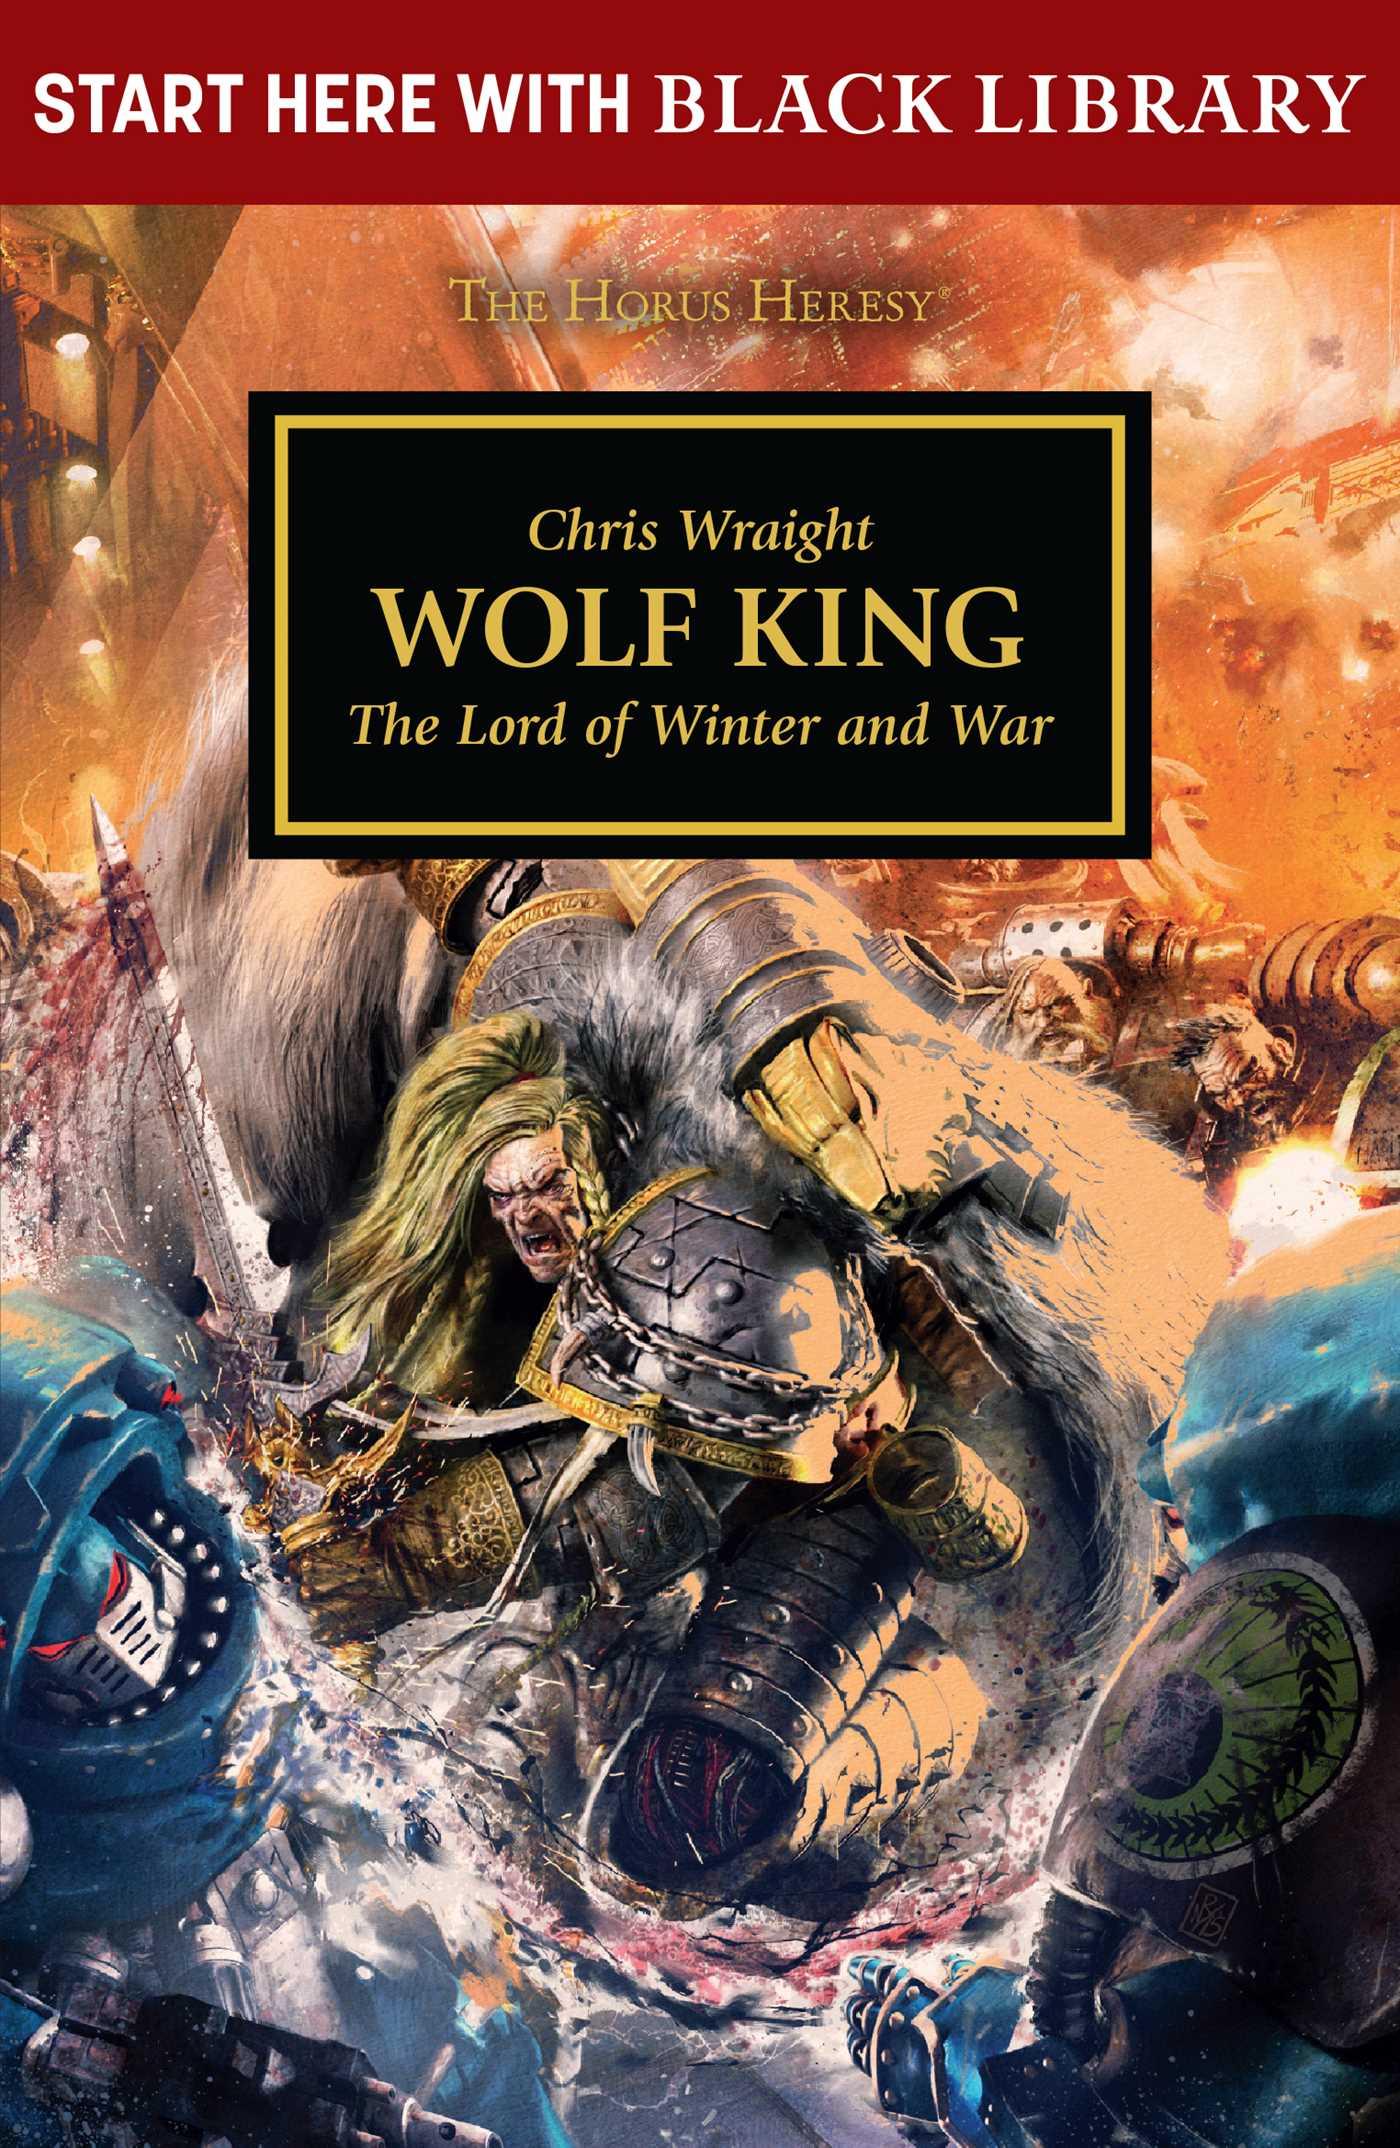 Wolf king 9781784967499 hr